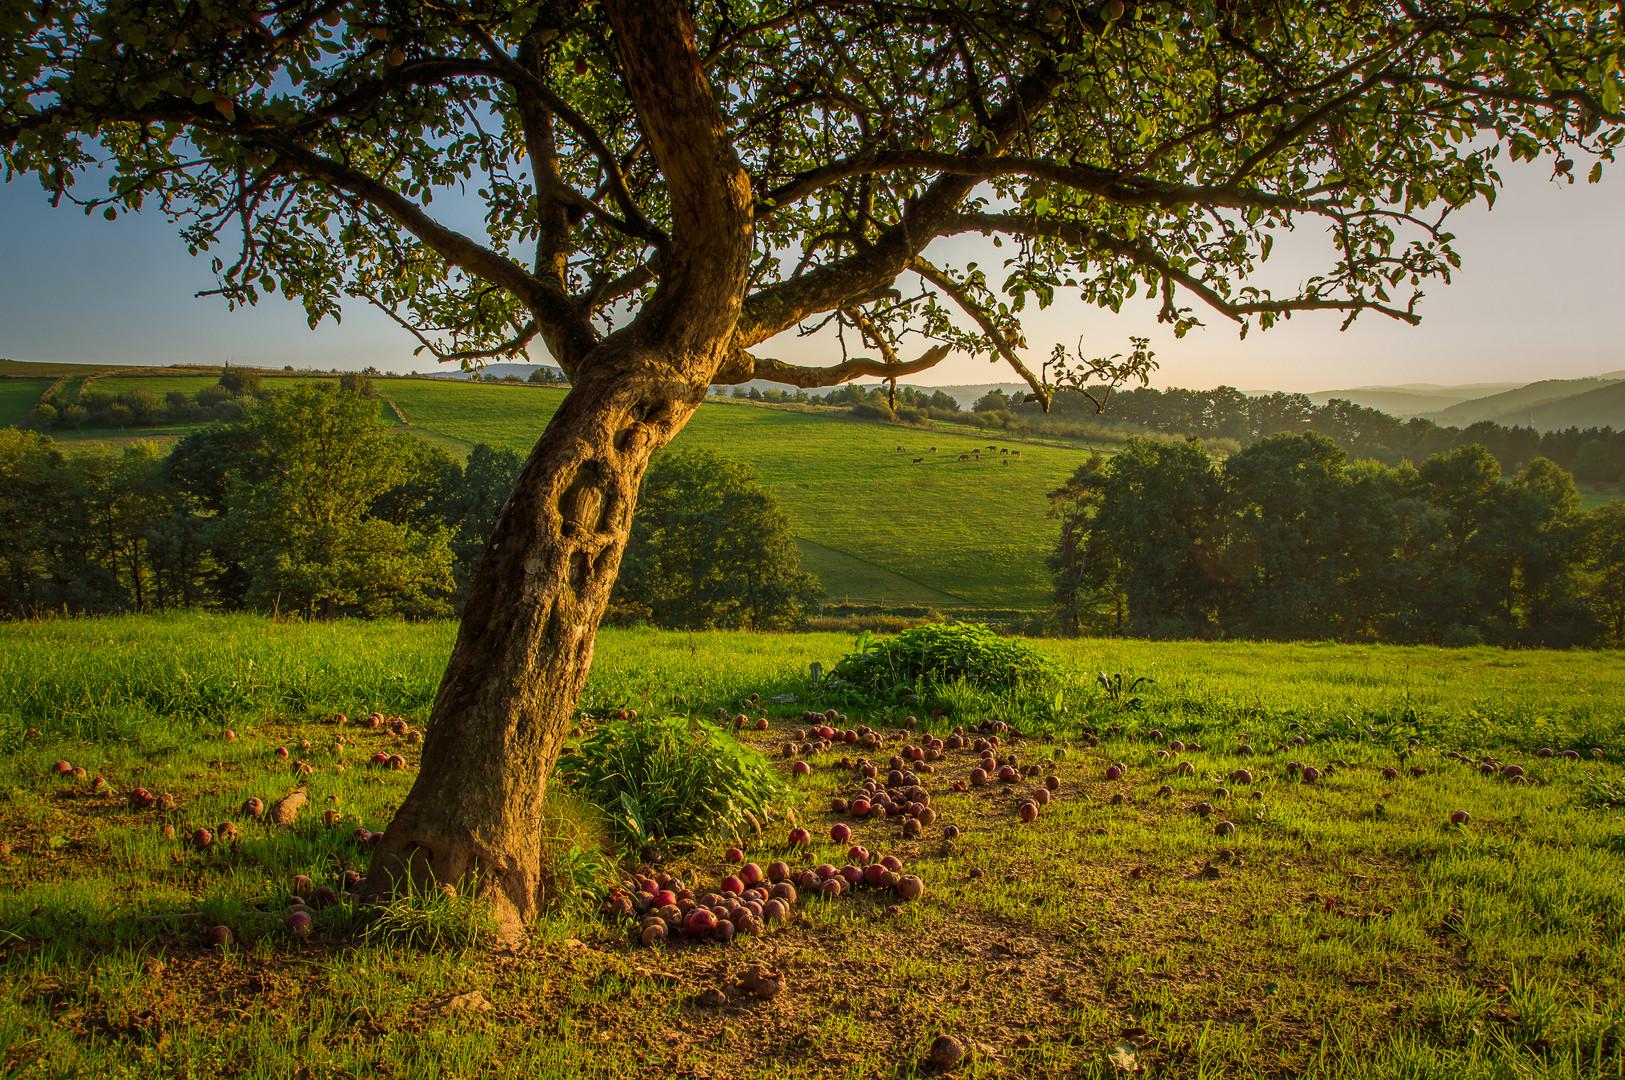 OLD APPLE TREE